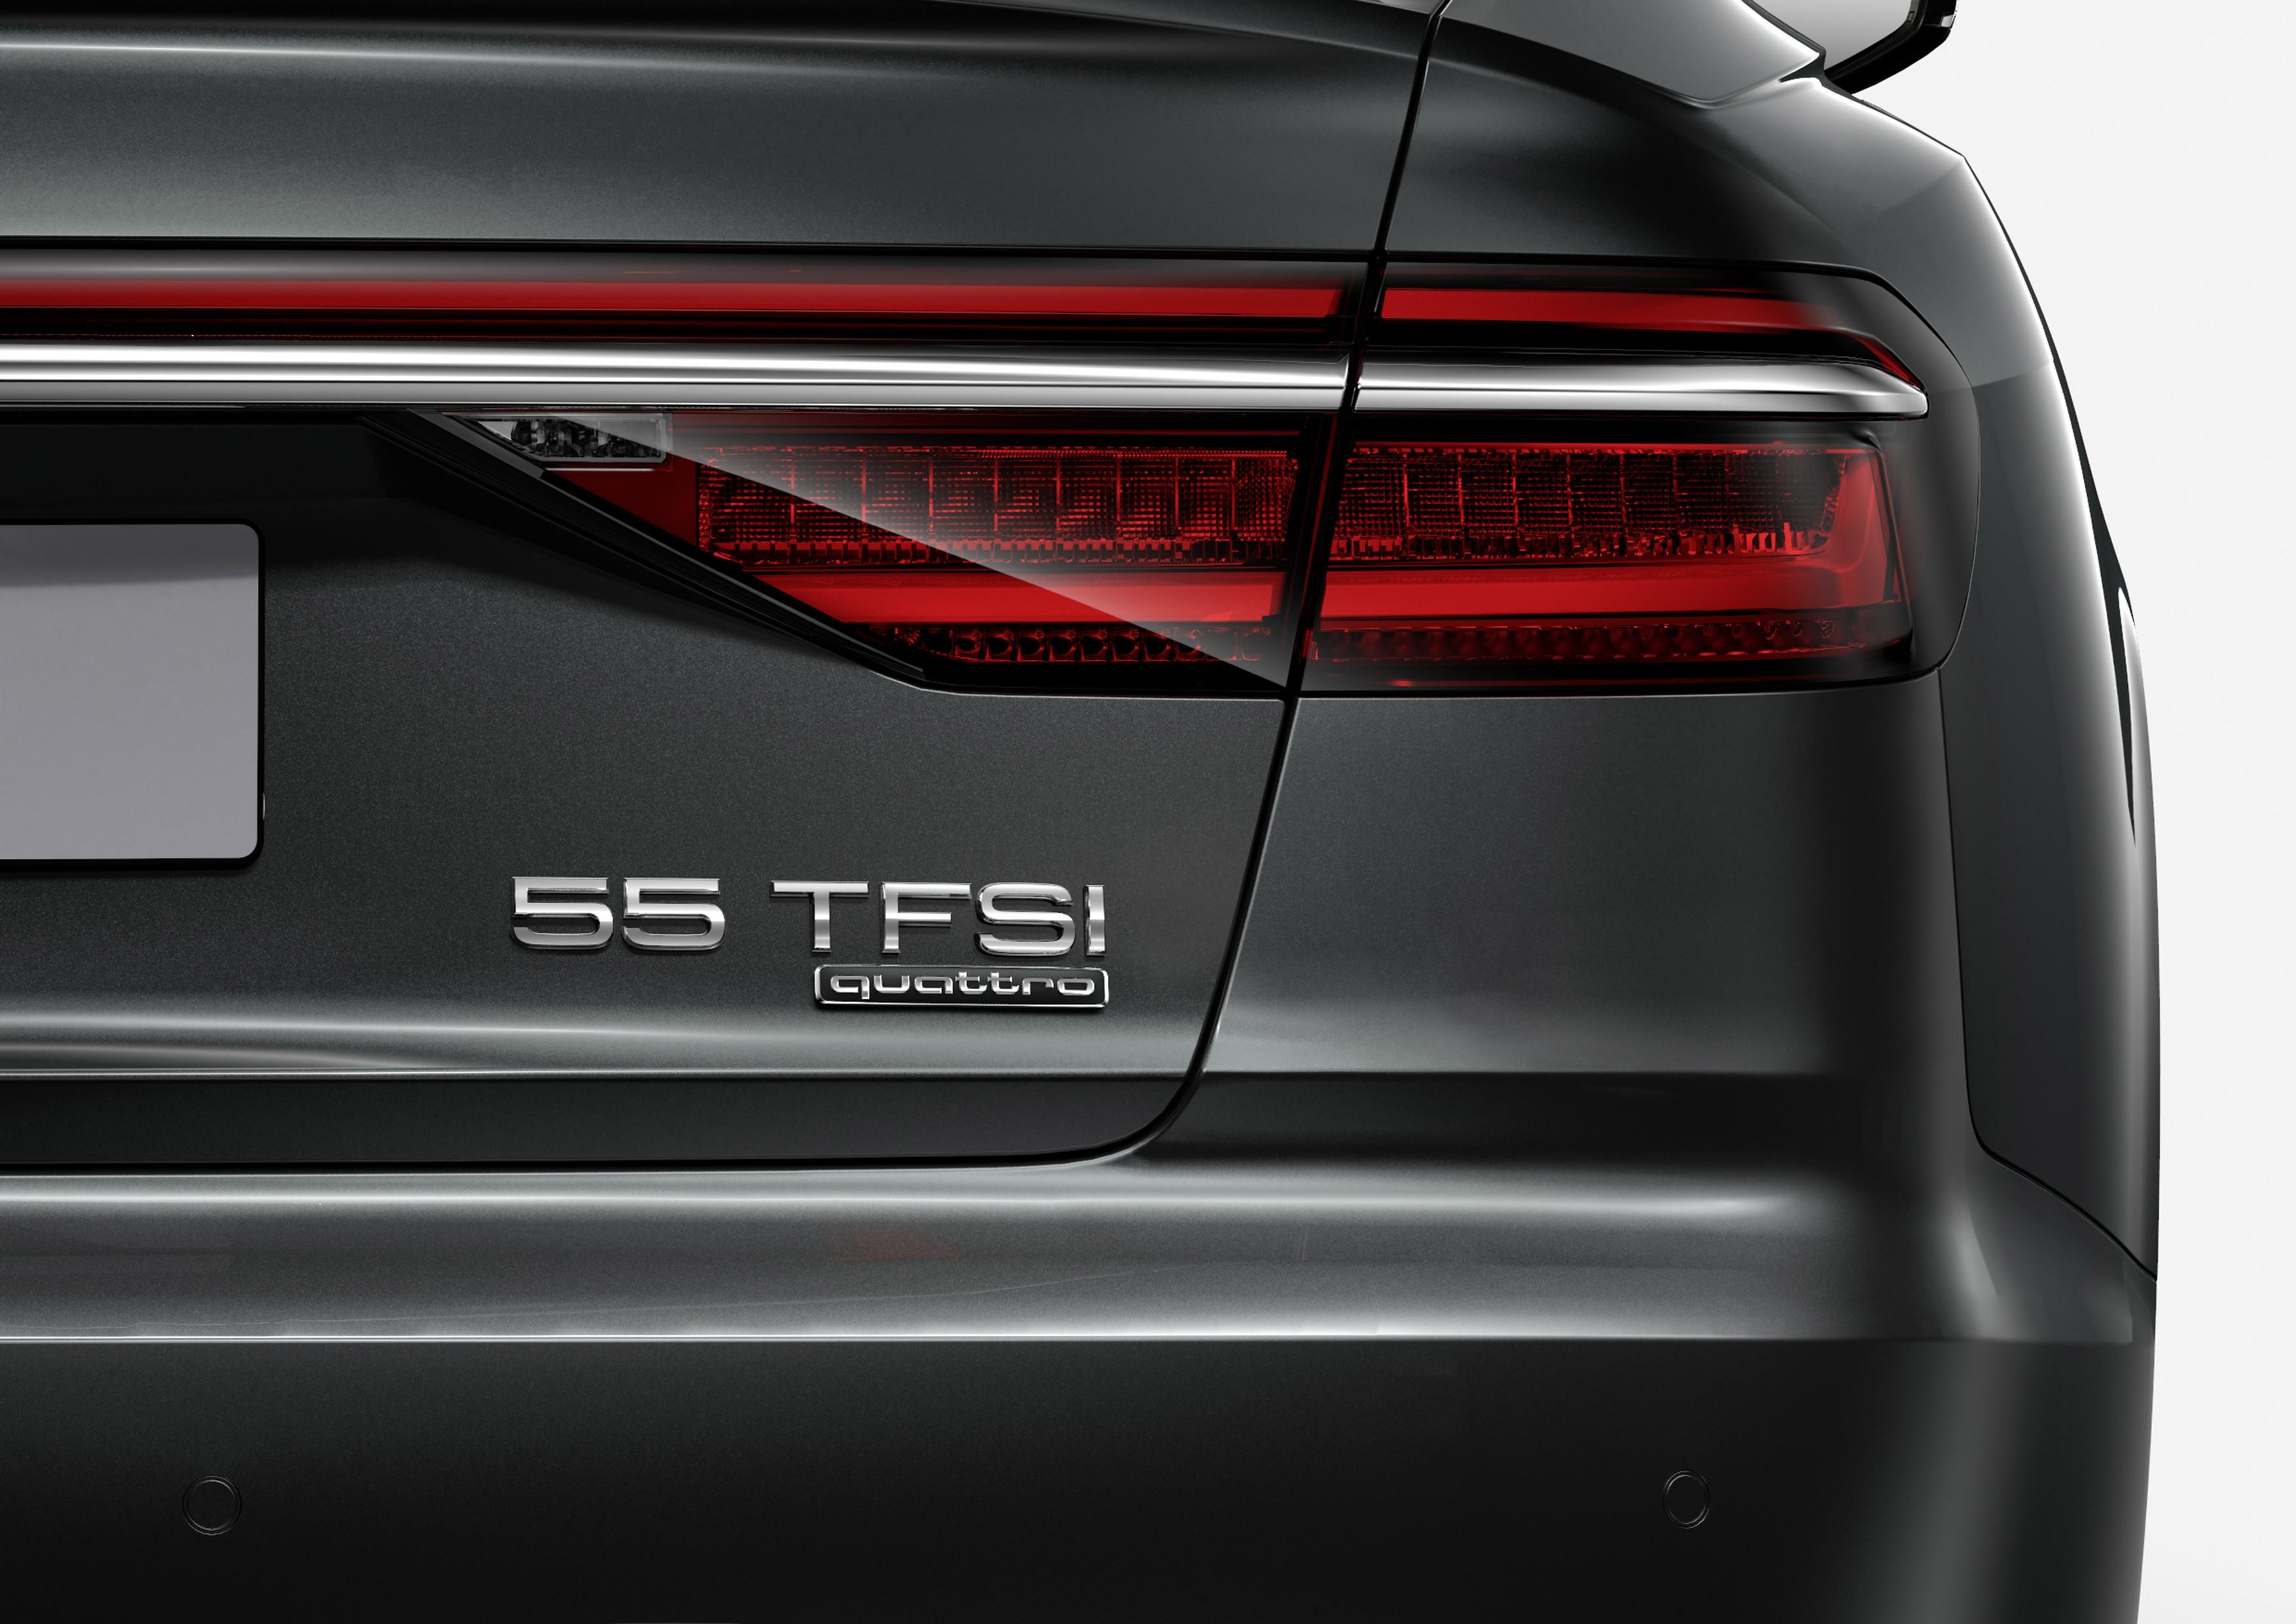 Une nouvelle nomenclature à l'arrière des autos — Audi